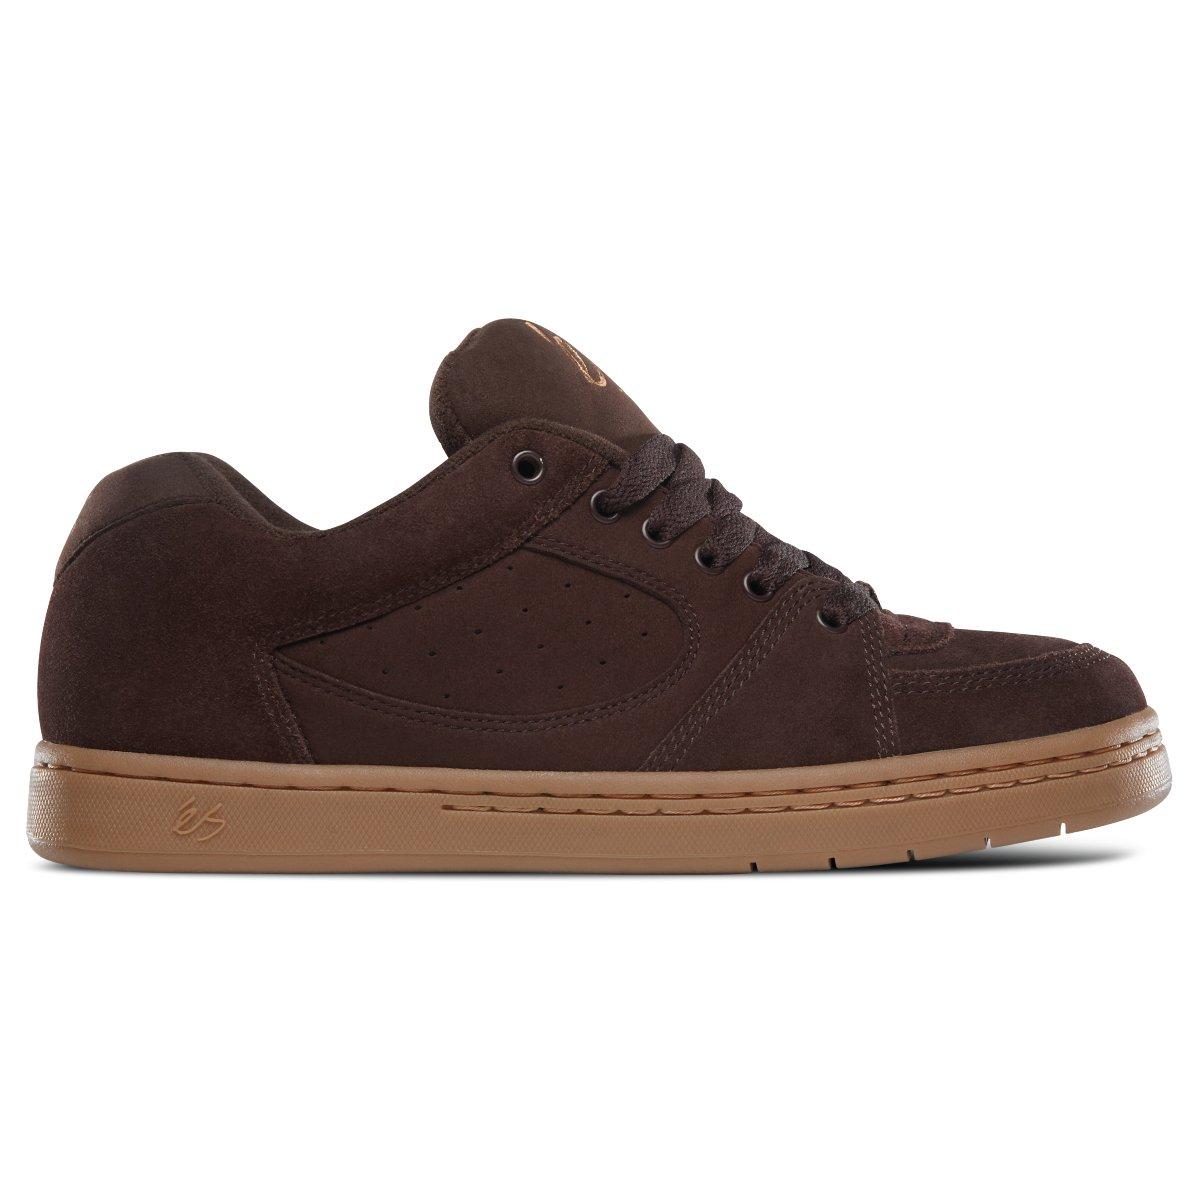 eS Men's Accel Og Skate Shoe 12 D(M) US|Chocolate/Gum